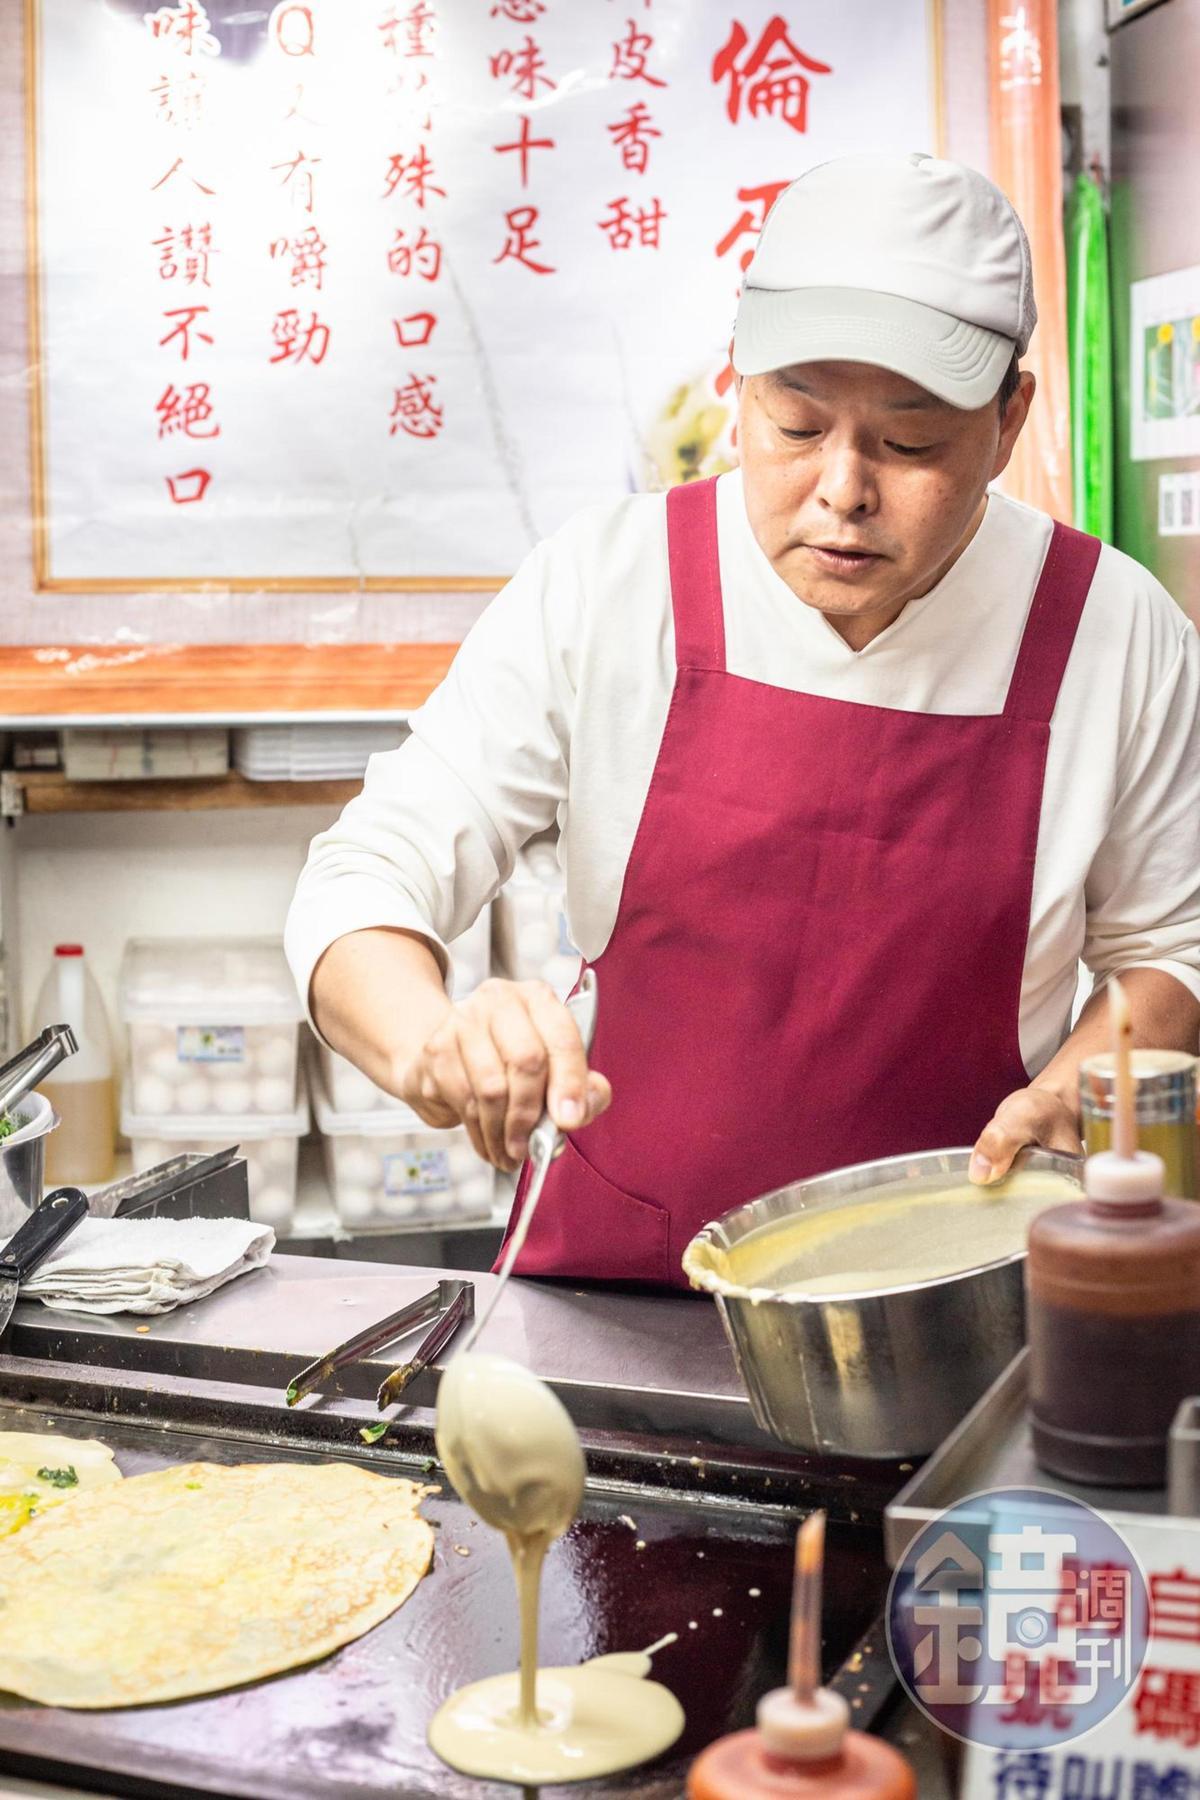 「明倫蛋餅」第二代老闆張良汕說:「簡單的事重複做就能變成專家。」